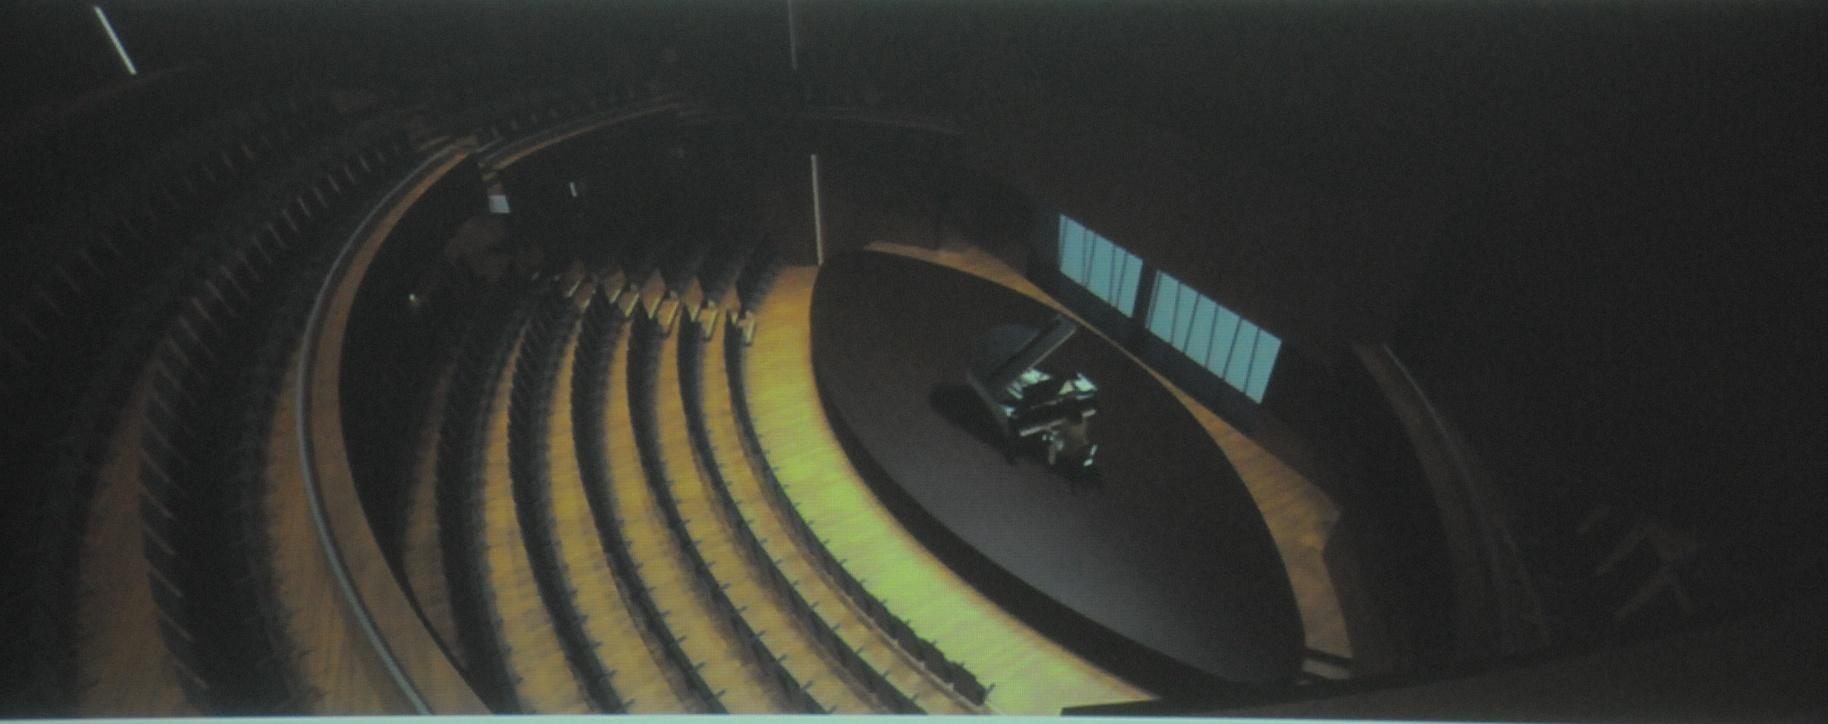 Hertzberger zelf is verantwoordelijk voor kamermuziekzaal